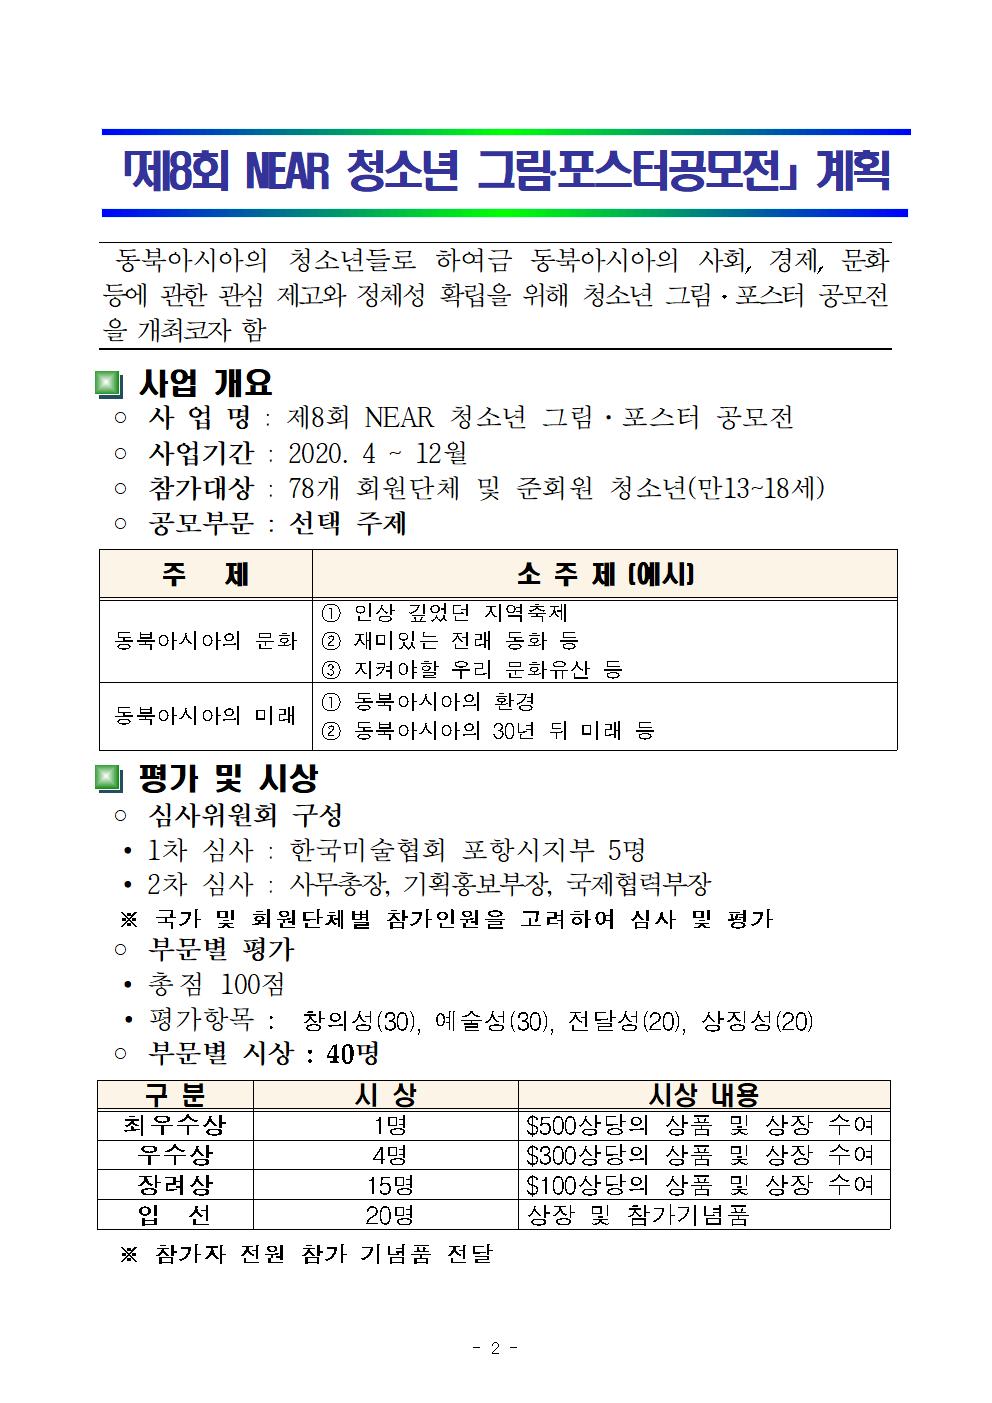 제8회 NEAR 청소년 공모전 안내문 및 신청서002.png